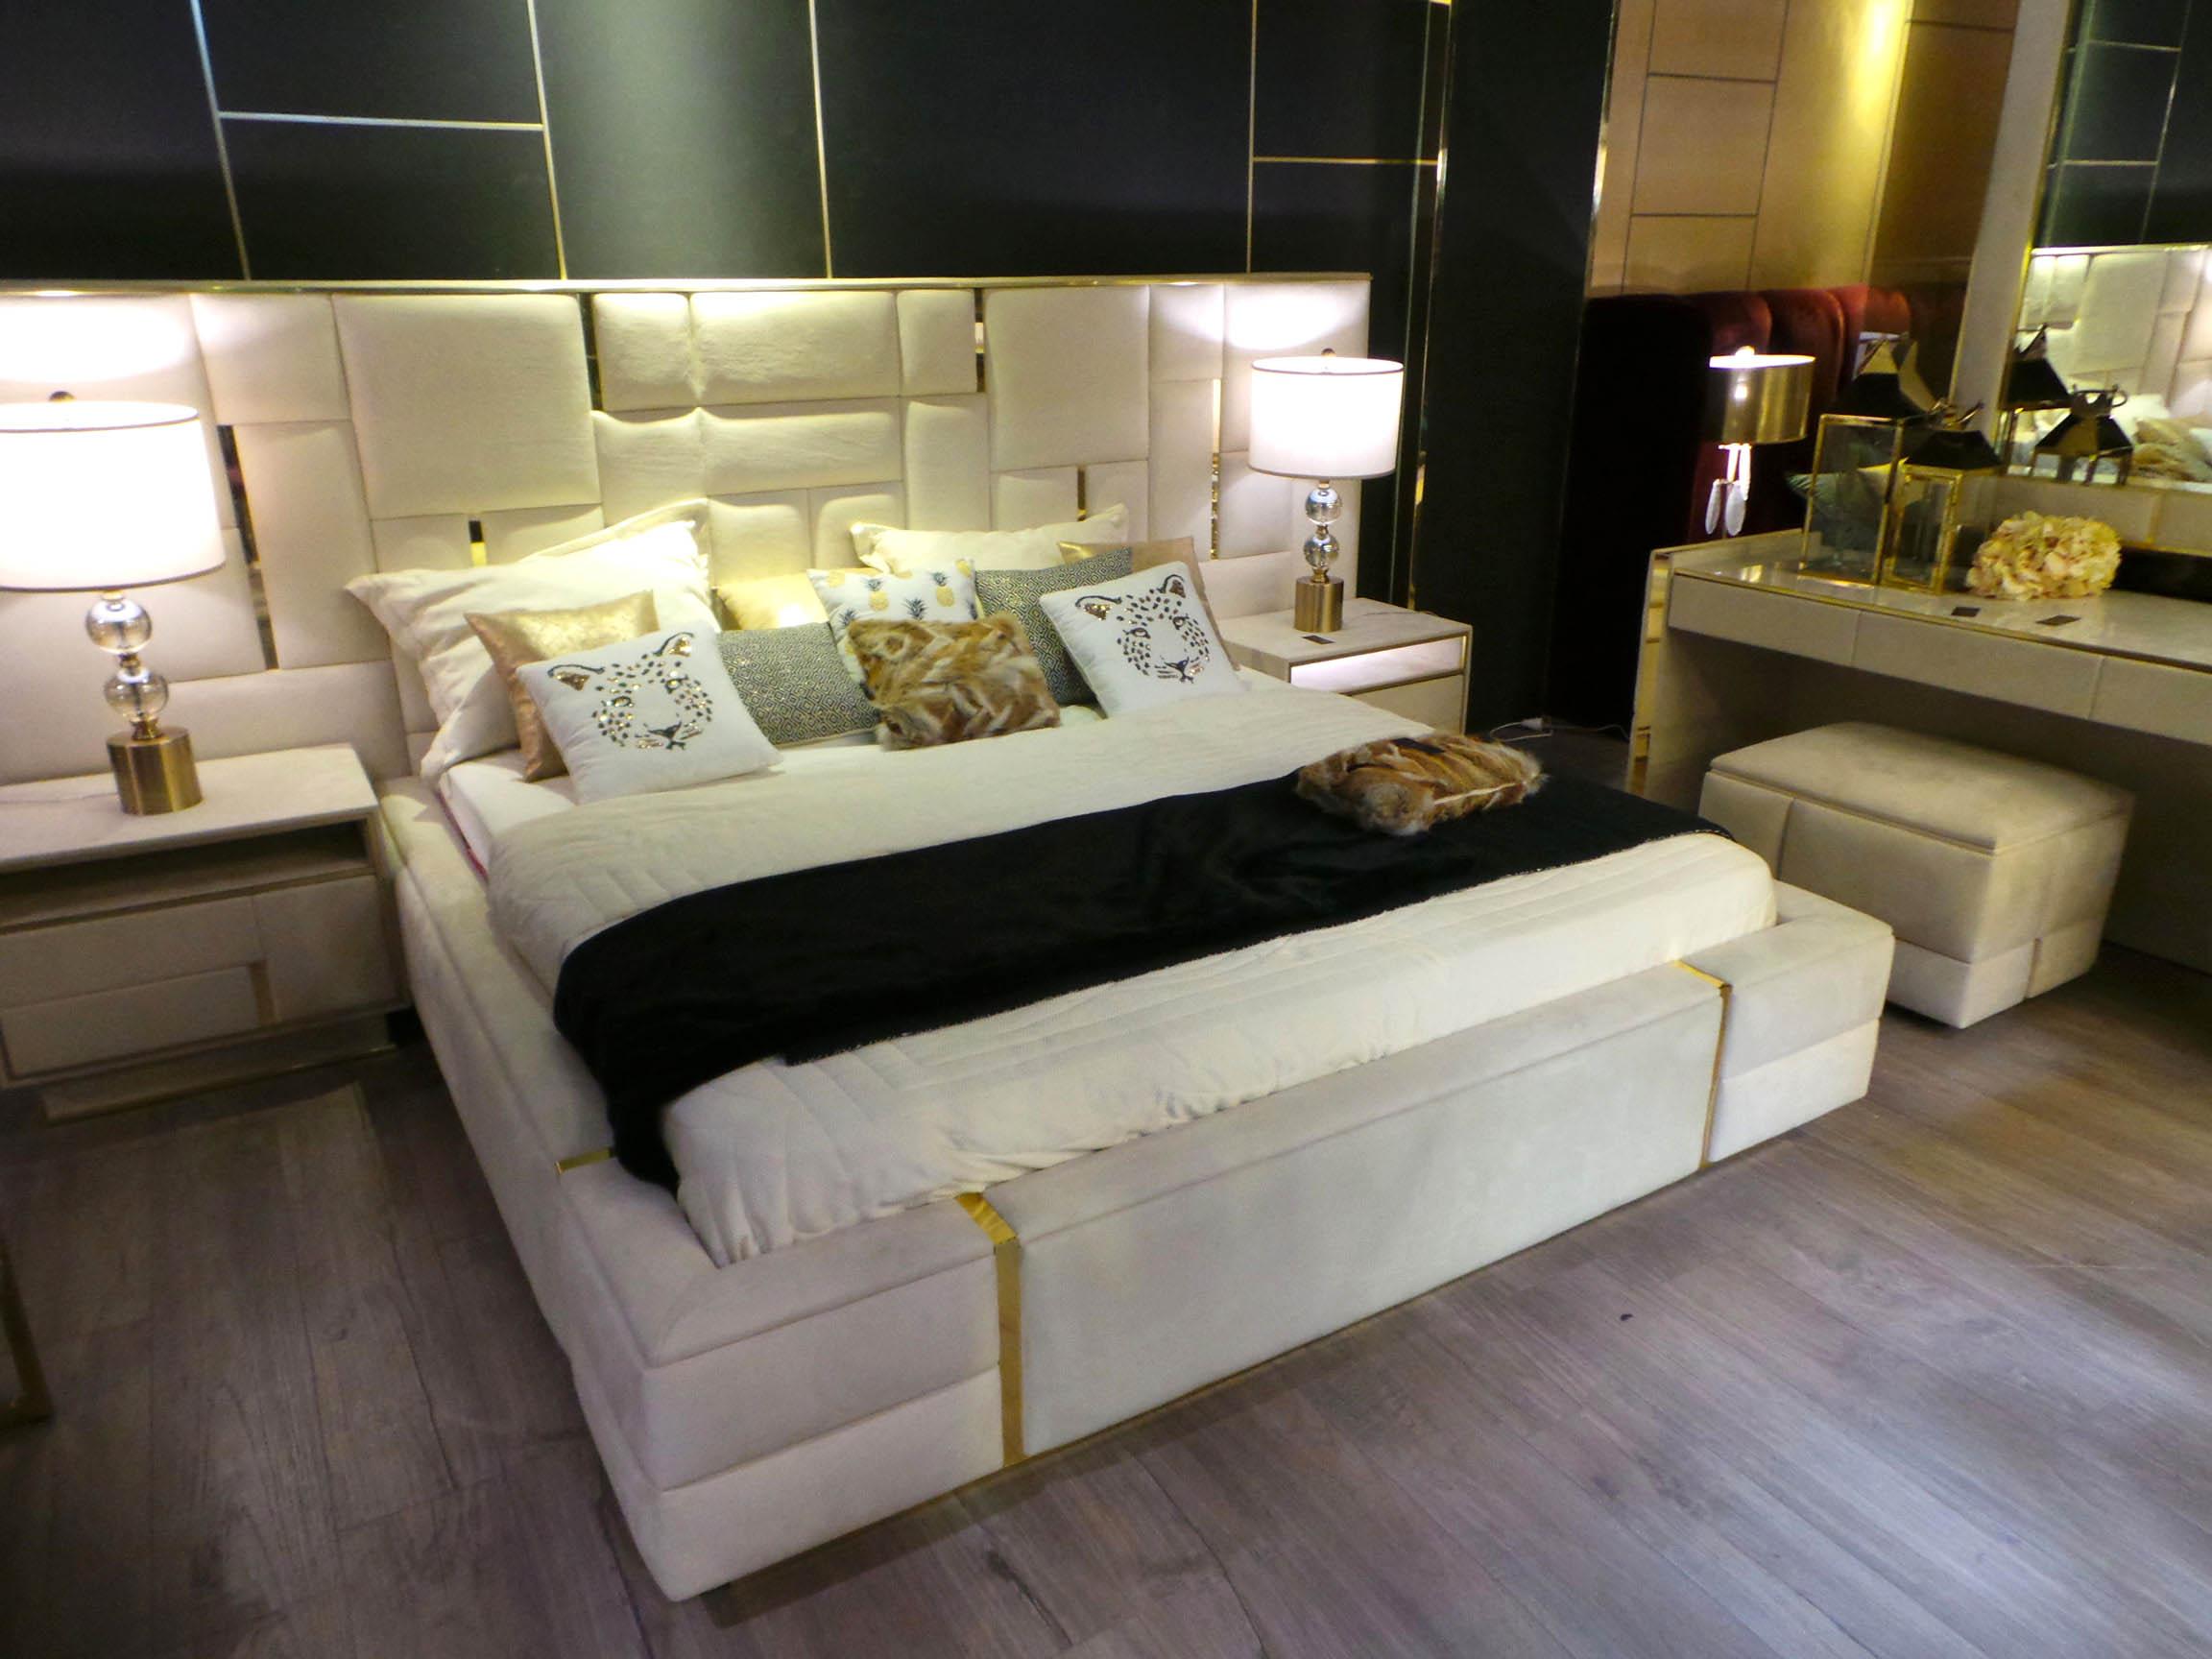 Salo-du-meuble-de-Tunis-chambre-a-coucher-edwards-lasoukra-velour